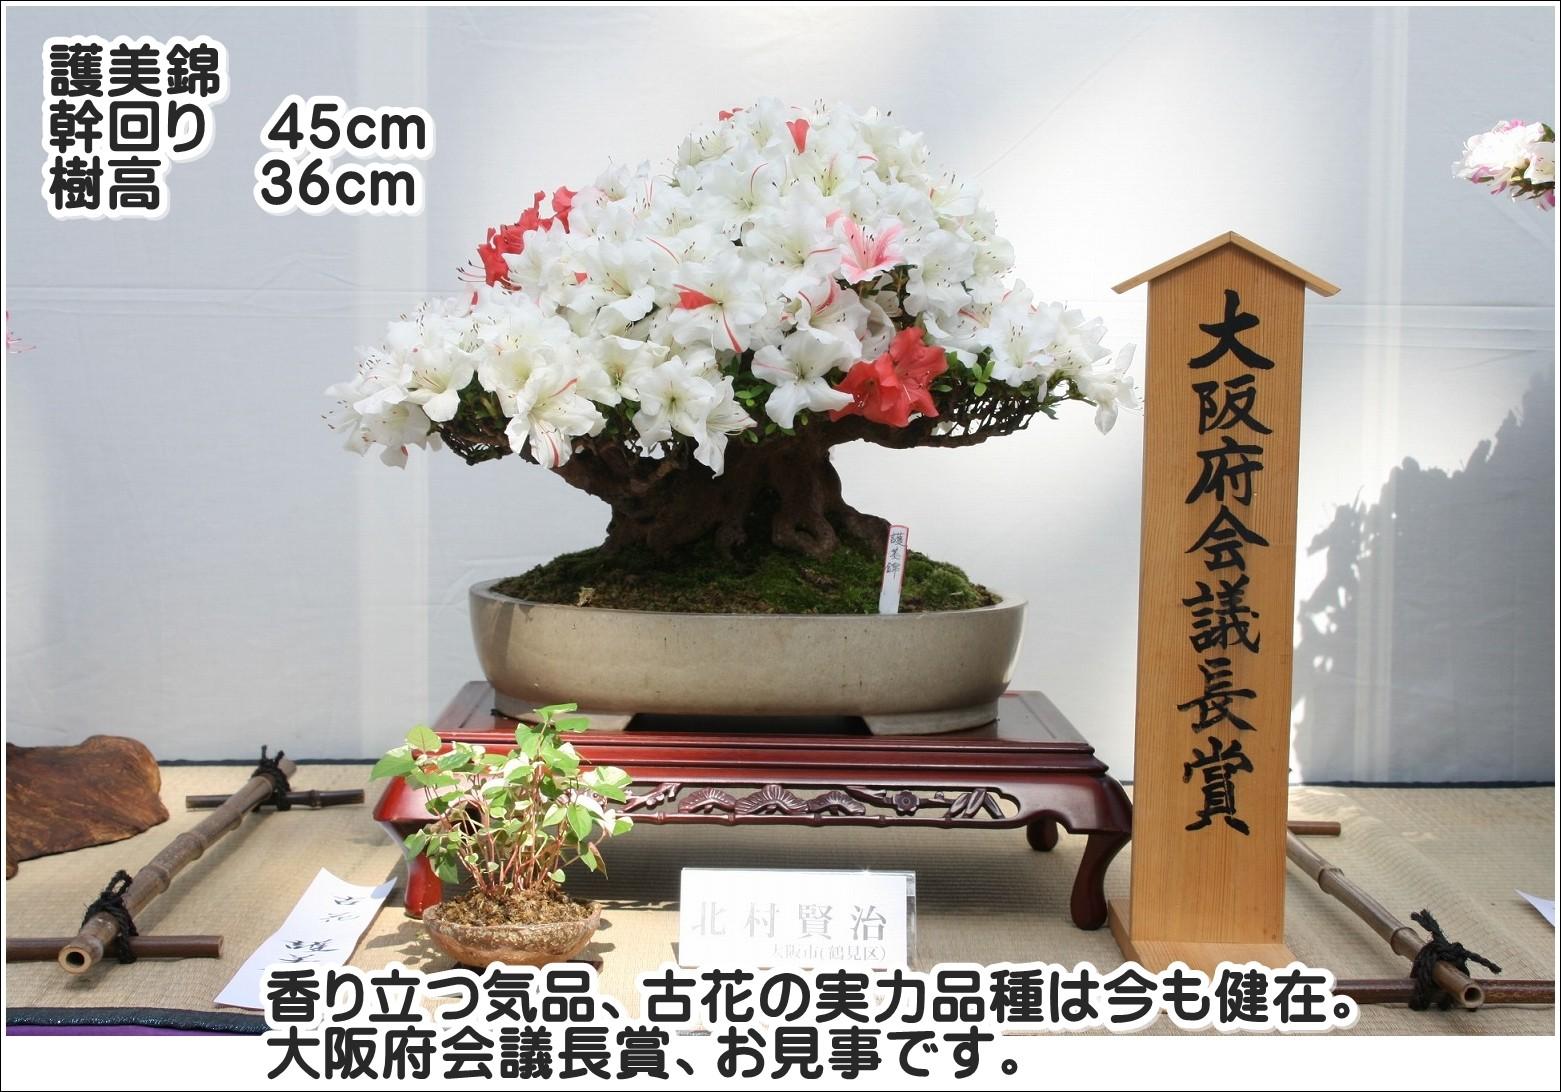 香り立つ気品、古花の実力品種は今も健在。大阪府会議長賞、お見事です。